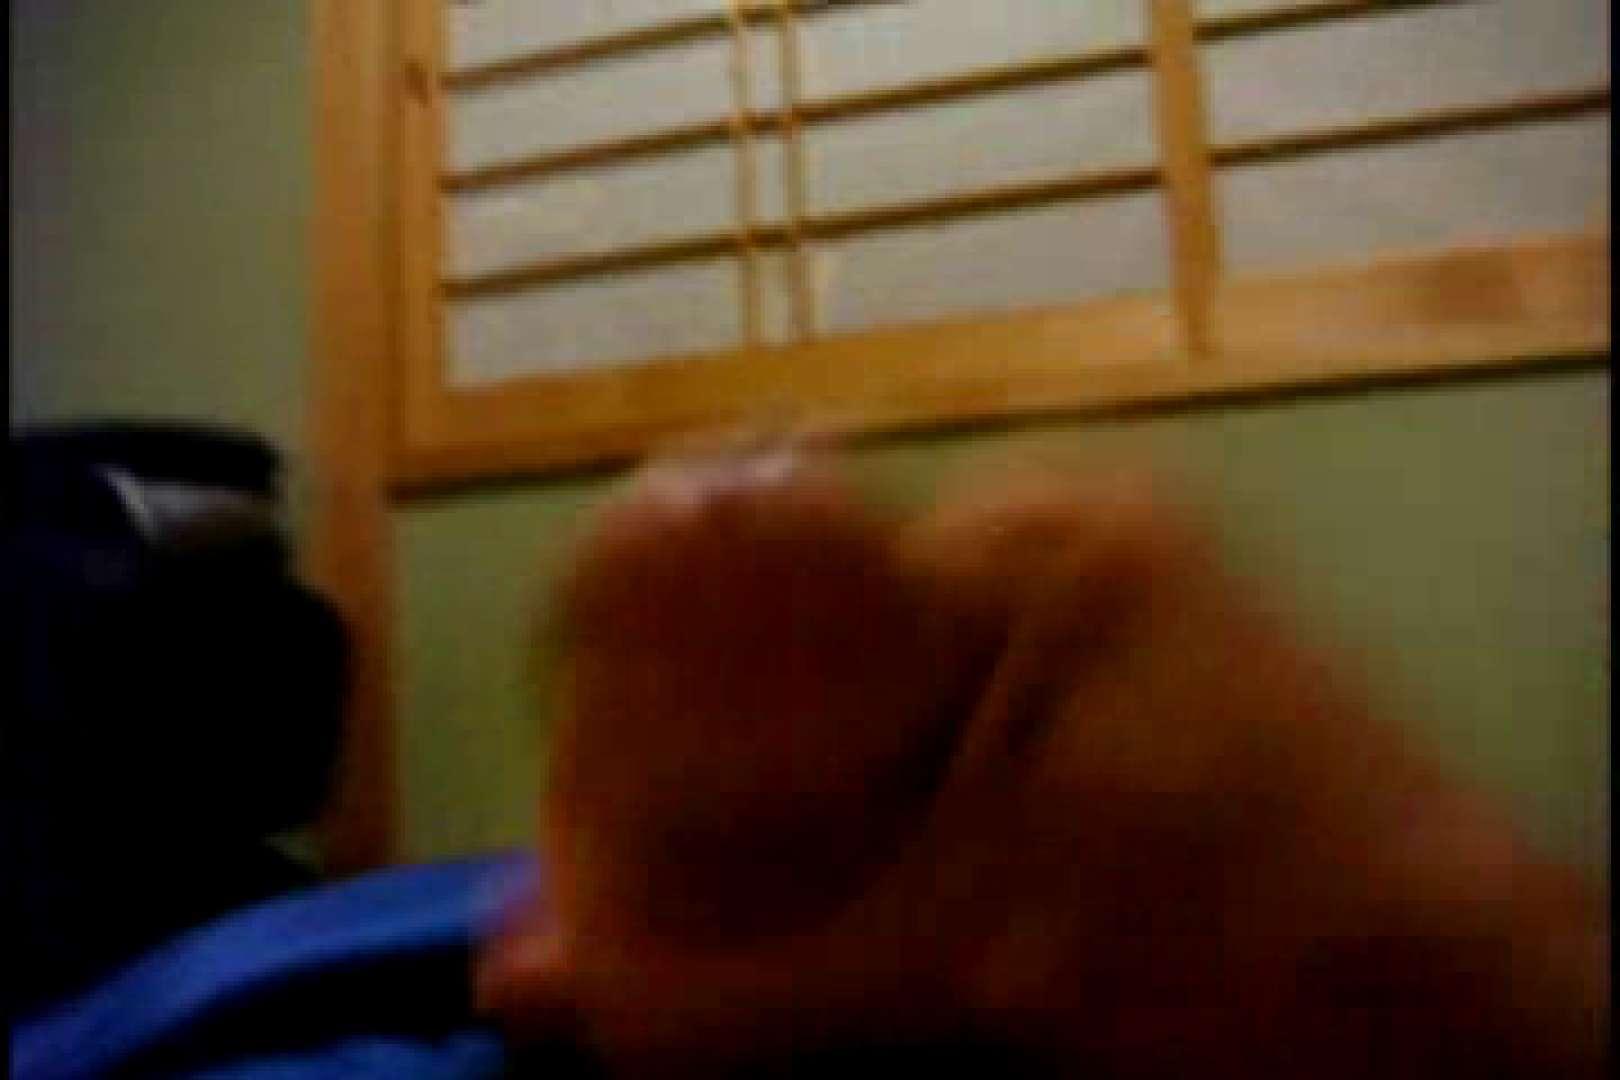 オナ好きノンケテニス部員の自画撮り投稿vol.02 流出  104pic 40